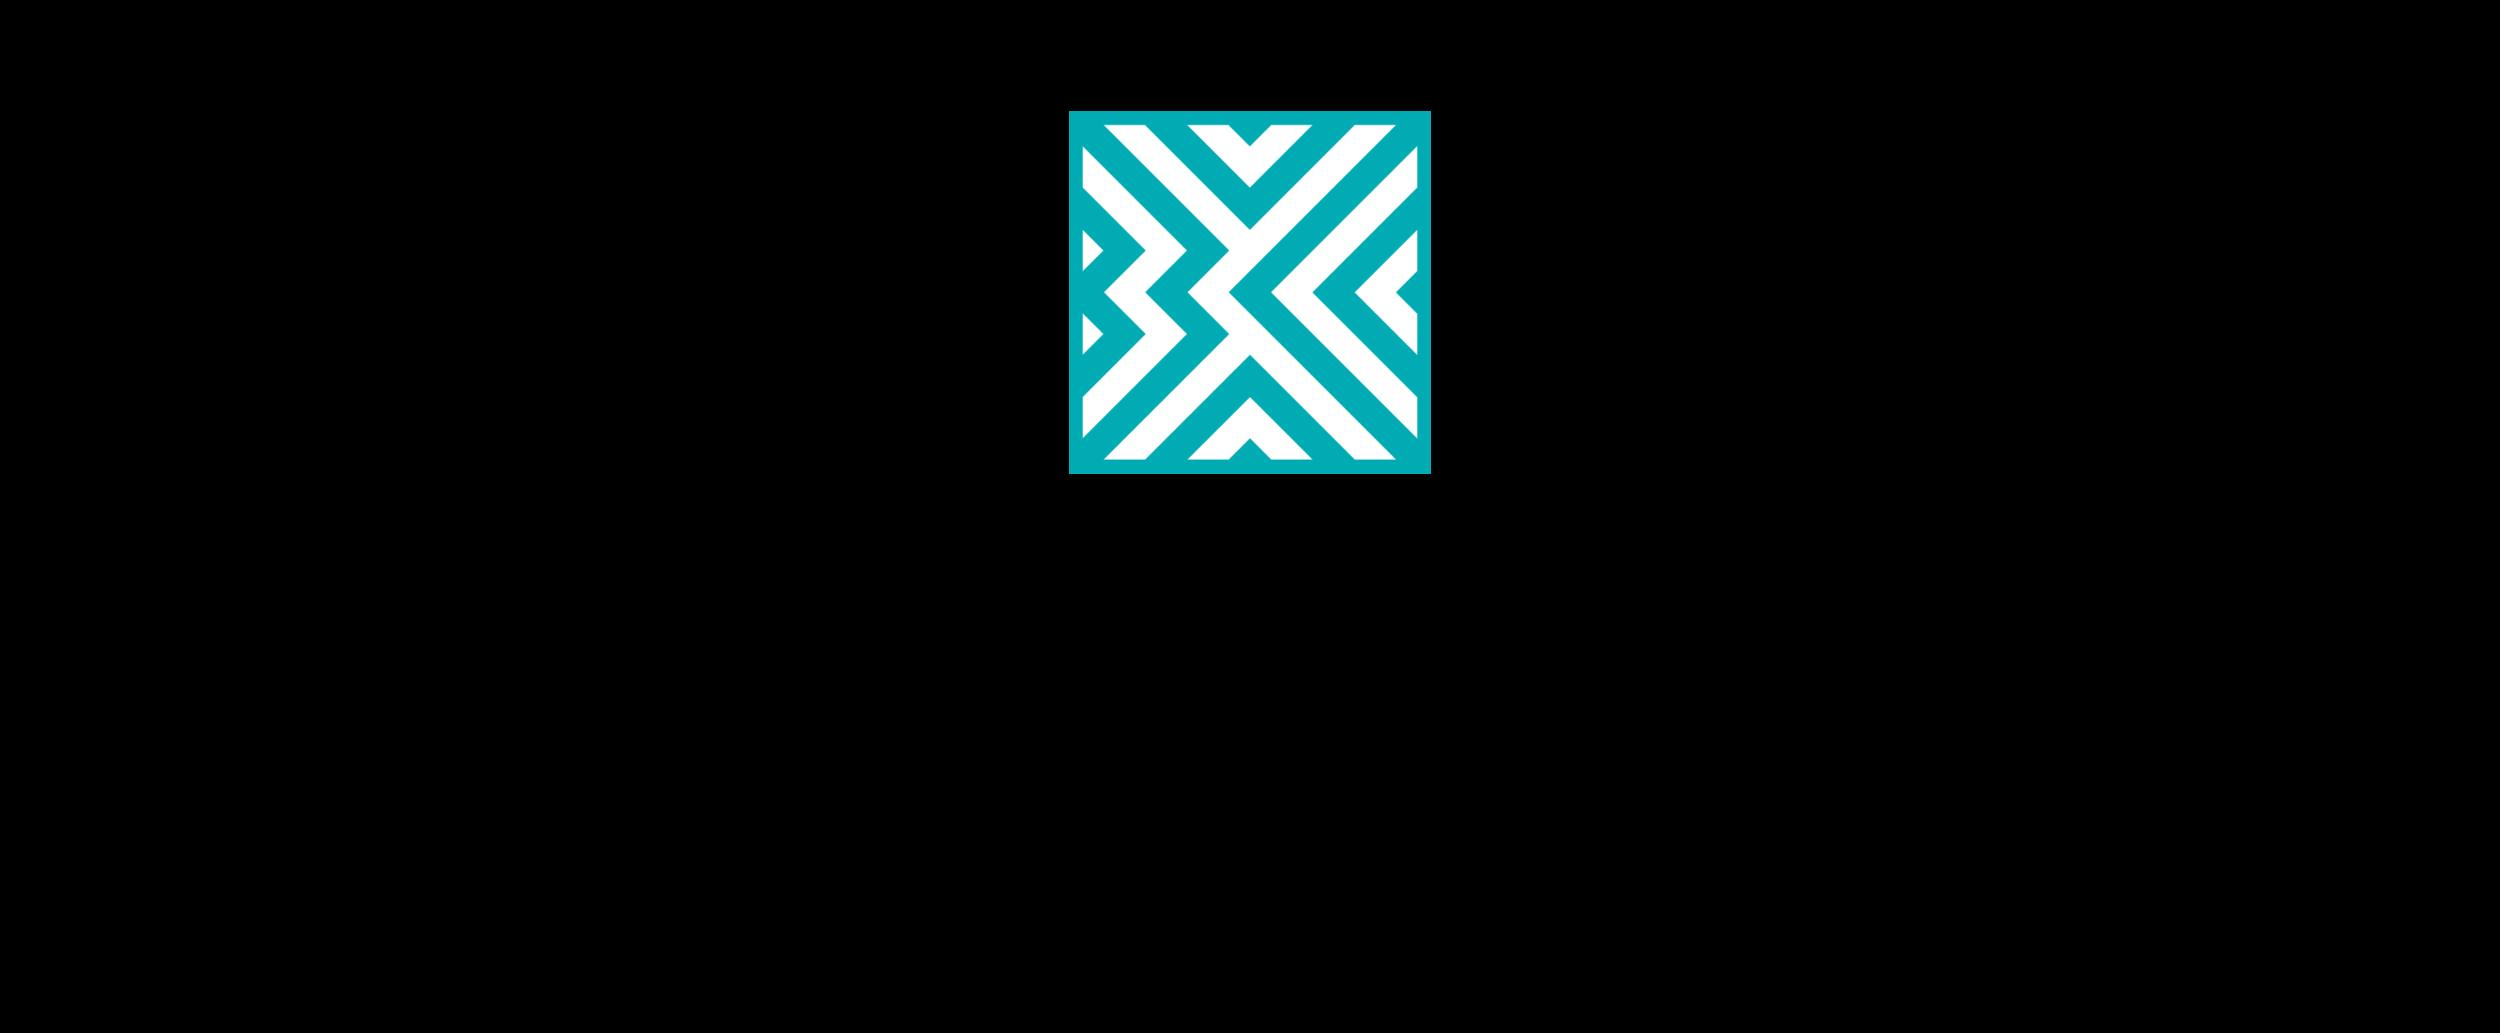 17_BC_Bosscation-Logo_Final-12.png